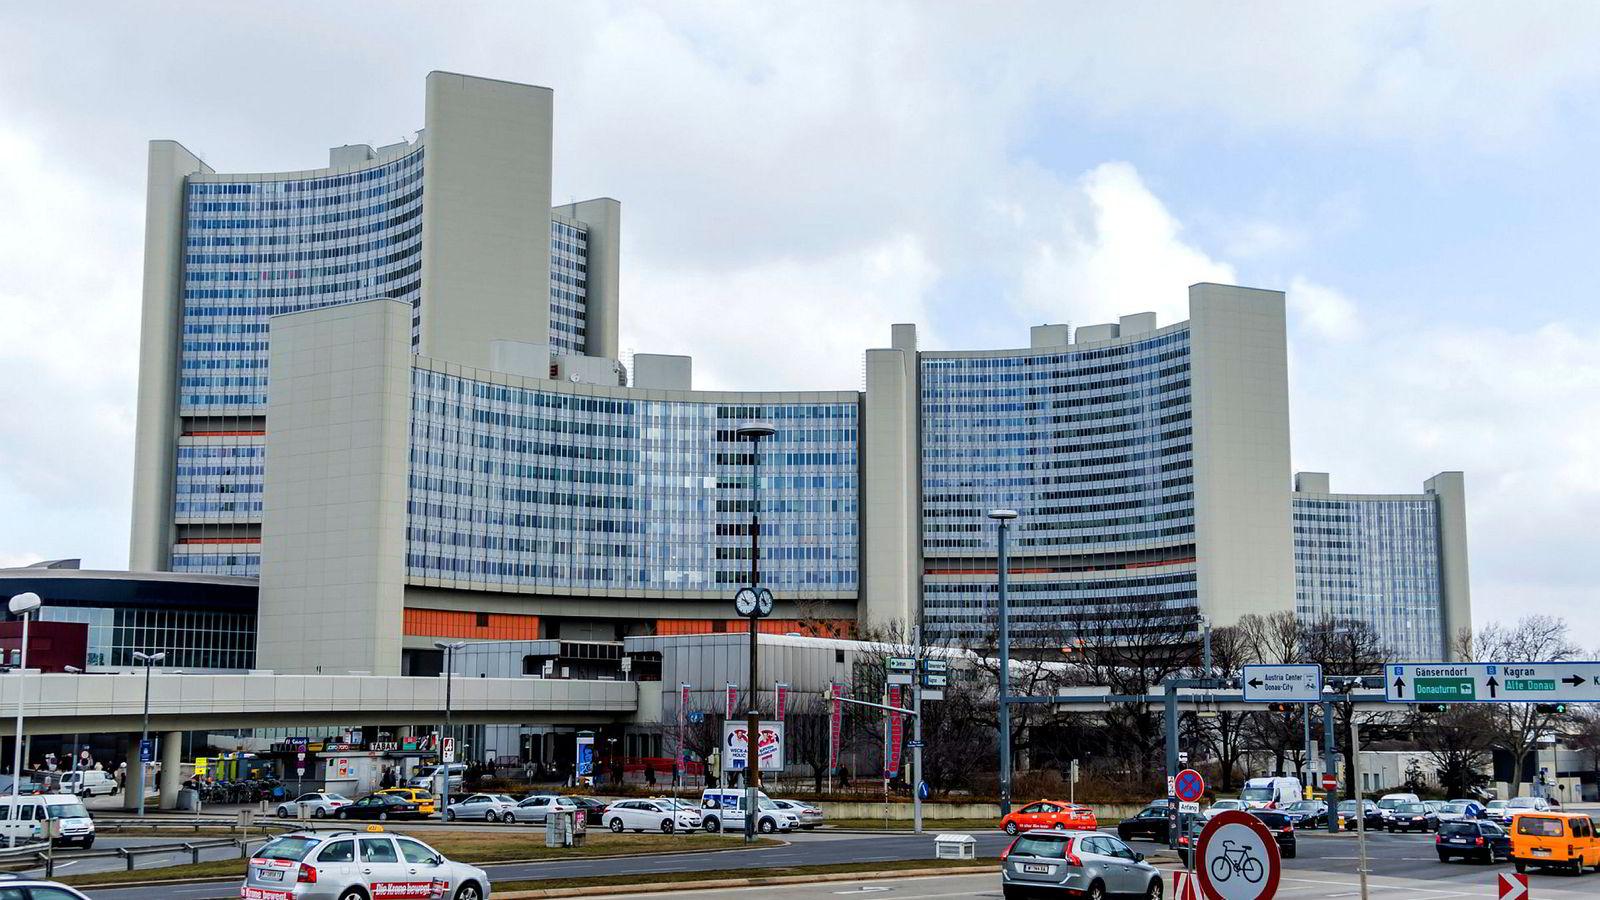 Nesten 100 stater var i forrige uke samlet i FN i Wien for å diskutere reform av systemet for tvisteløsning mellom multinasjonale selskaper og stater (ofte kalt ISDS). Her fra FN-bygningen i Wien.